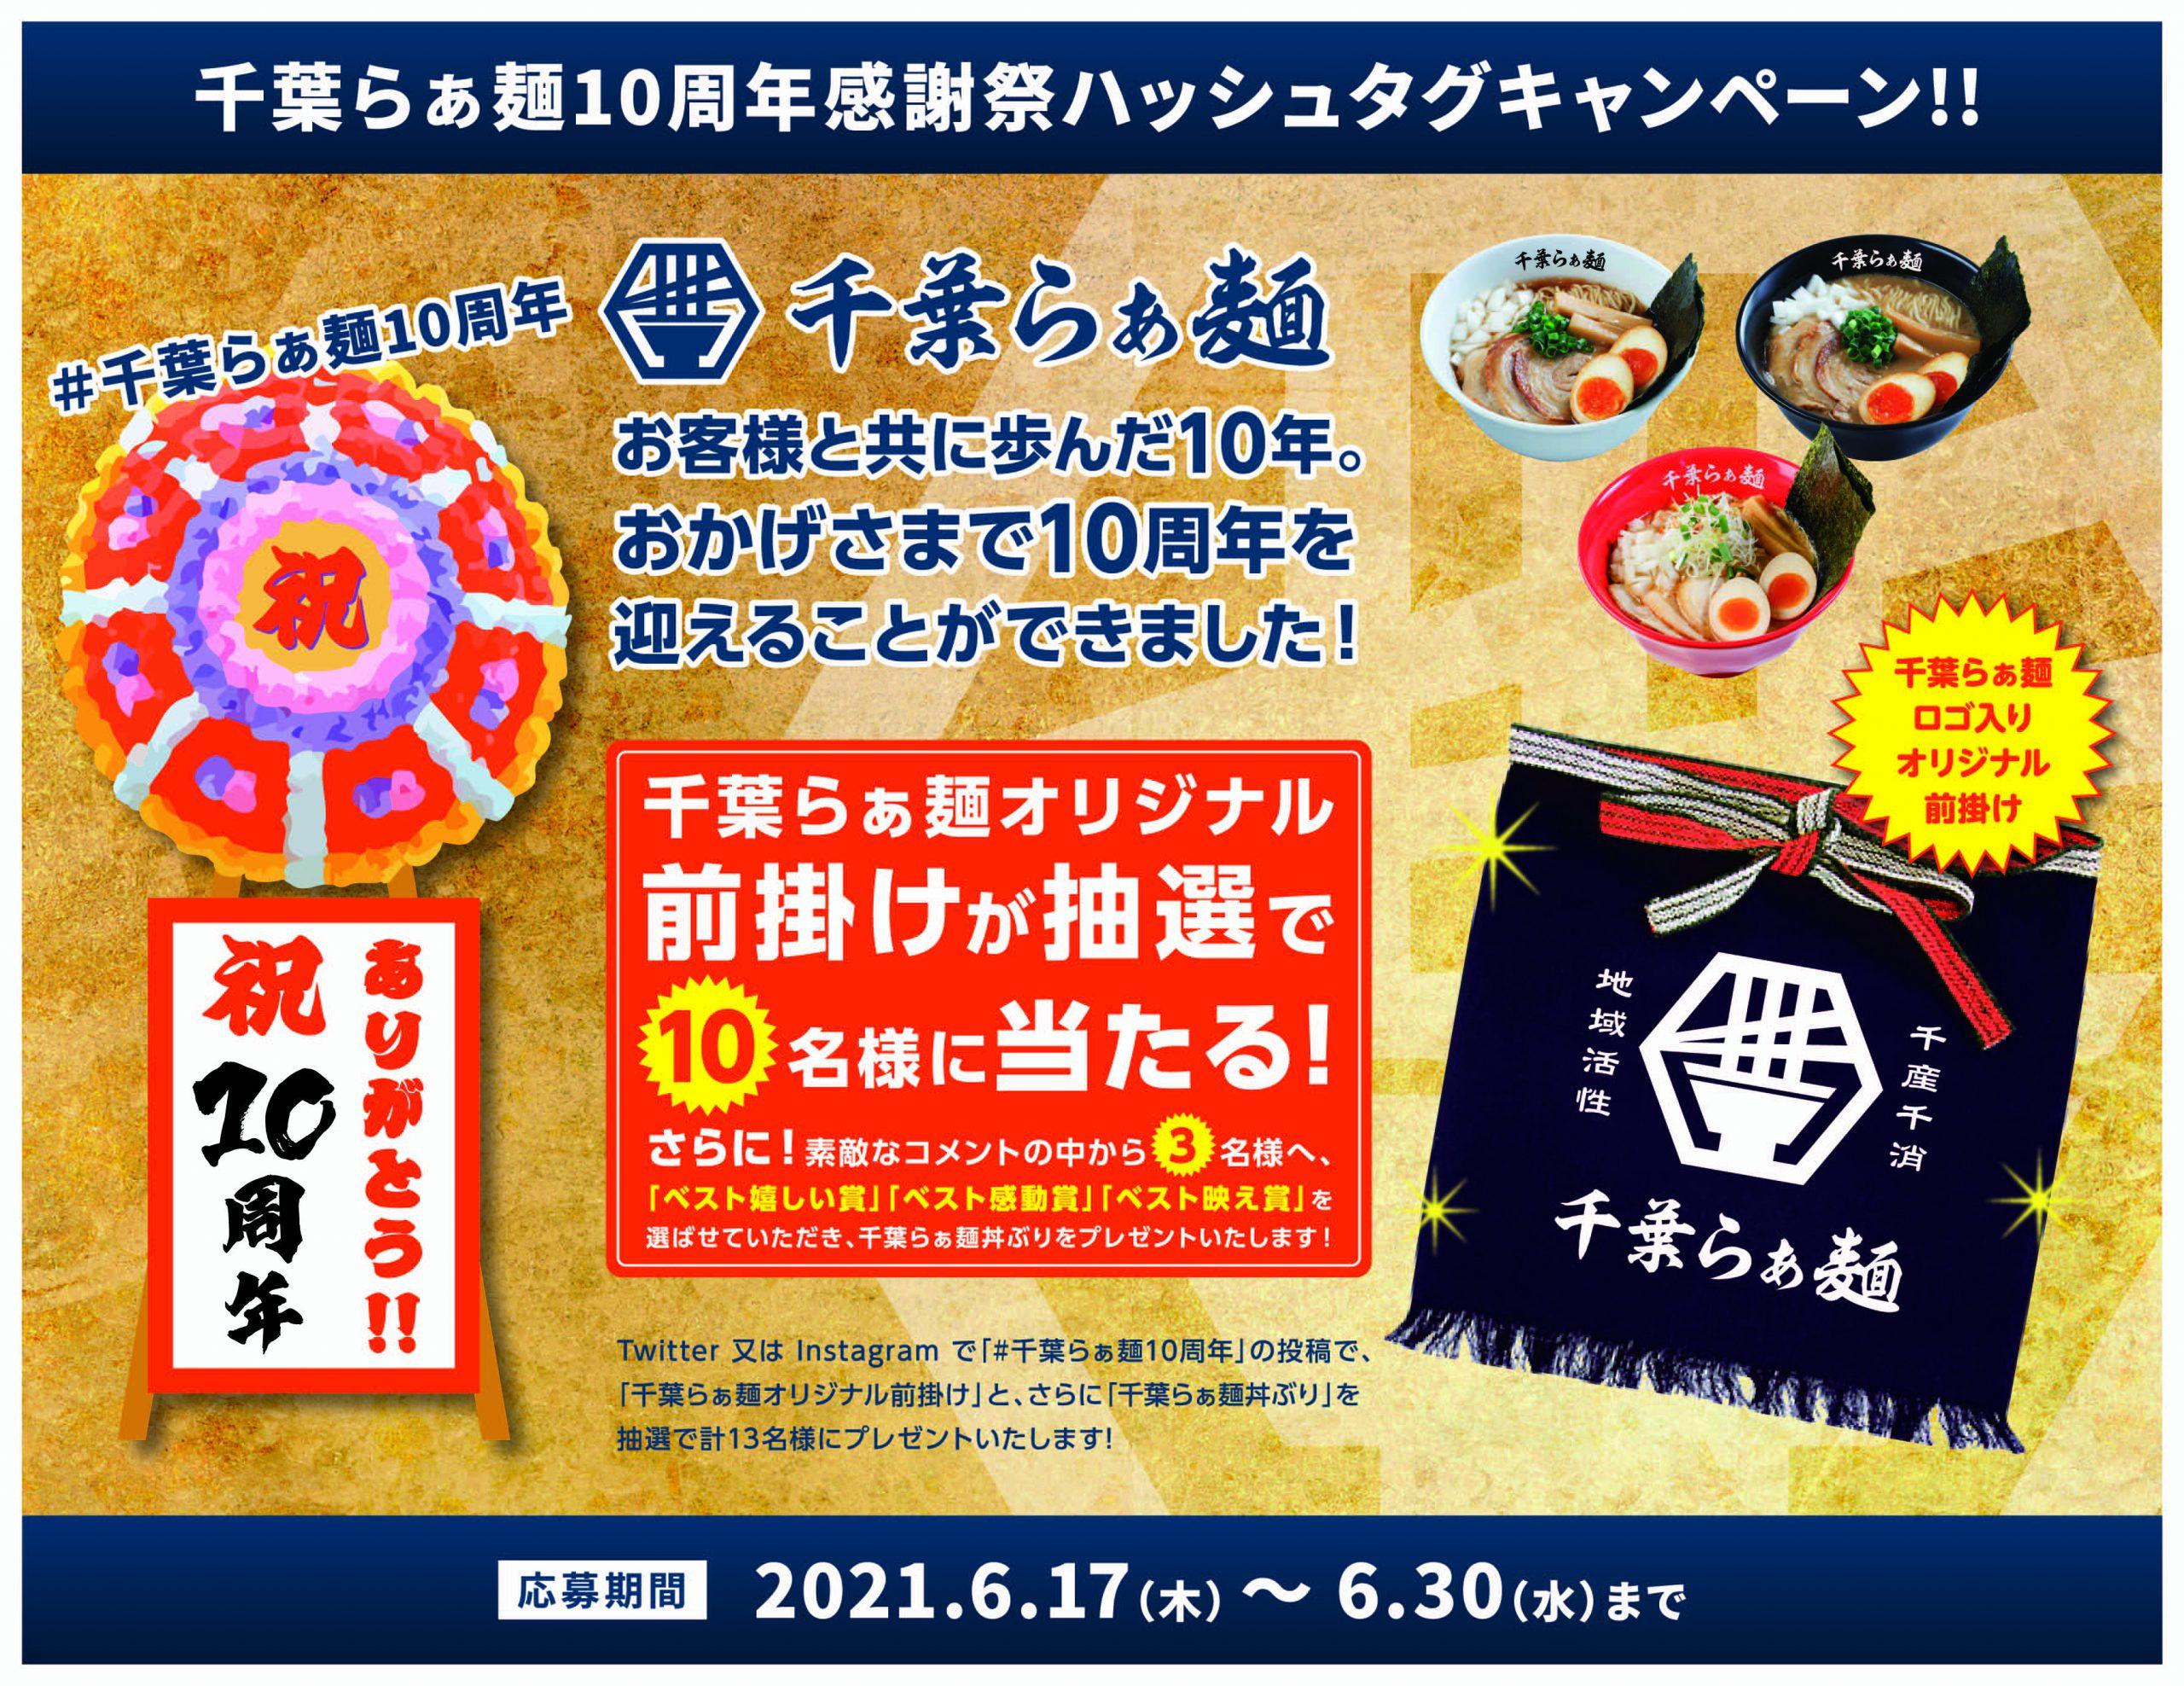 千葉らぁ麺10周年